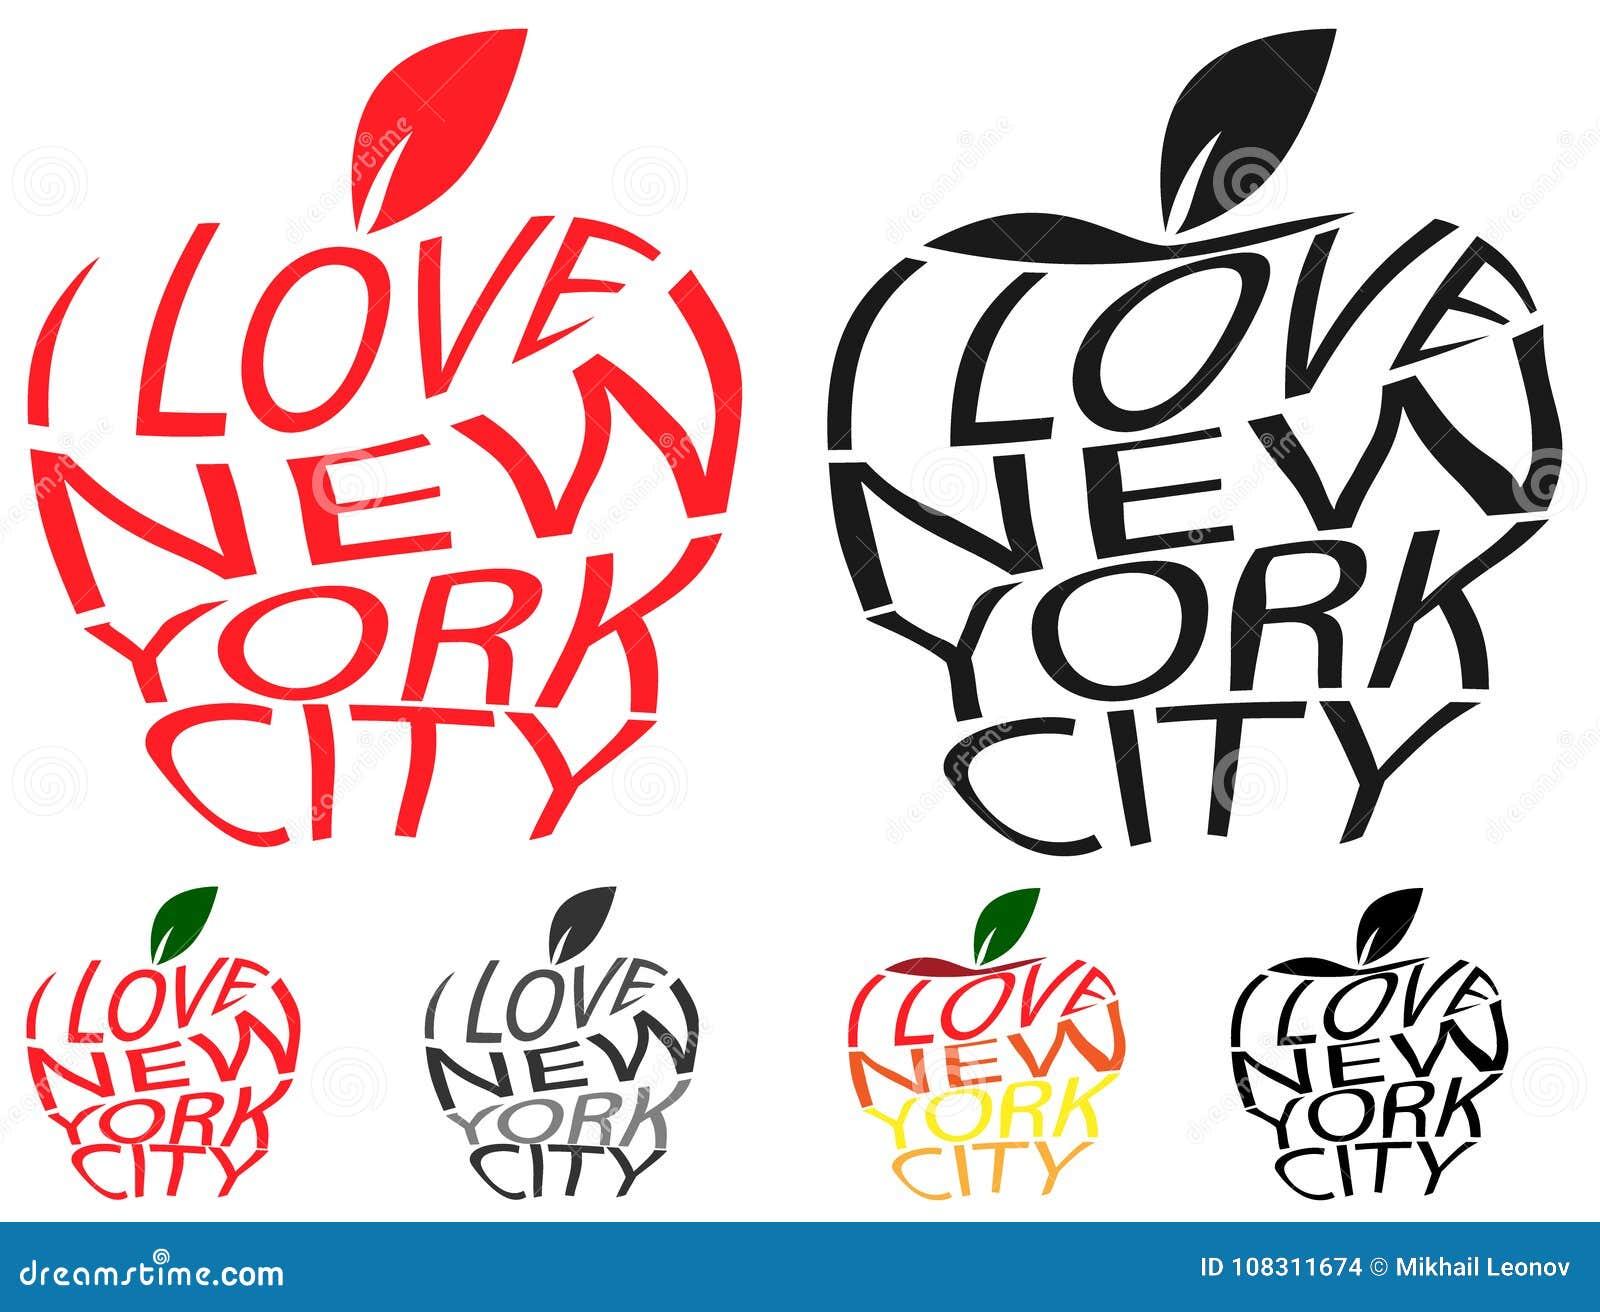 Ο φάκελος τυπογραφίας διαστρεβλώνει το διανυσματικό κείμενο Ι πόλη της Νέας Υόρκης αγάπης στη μεγάλη μορφή σημαδιών συμβόλων της